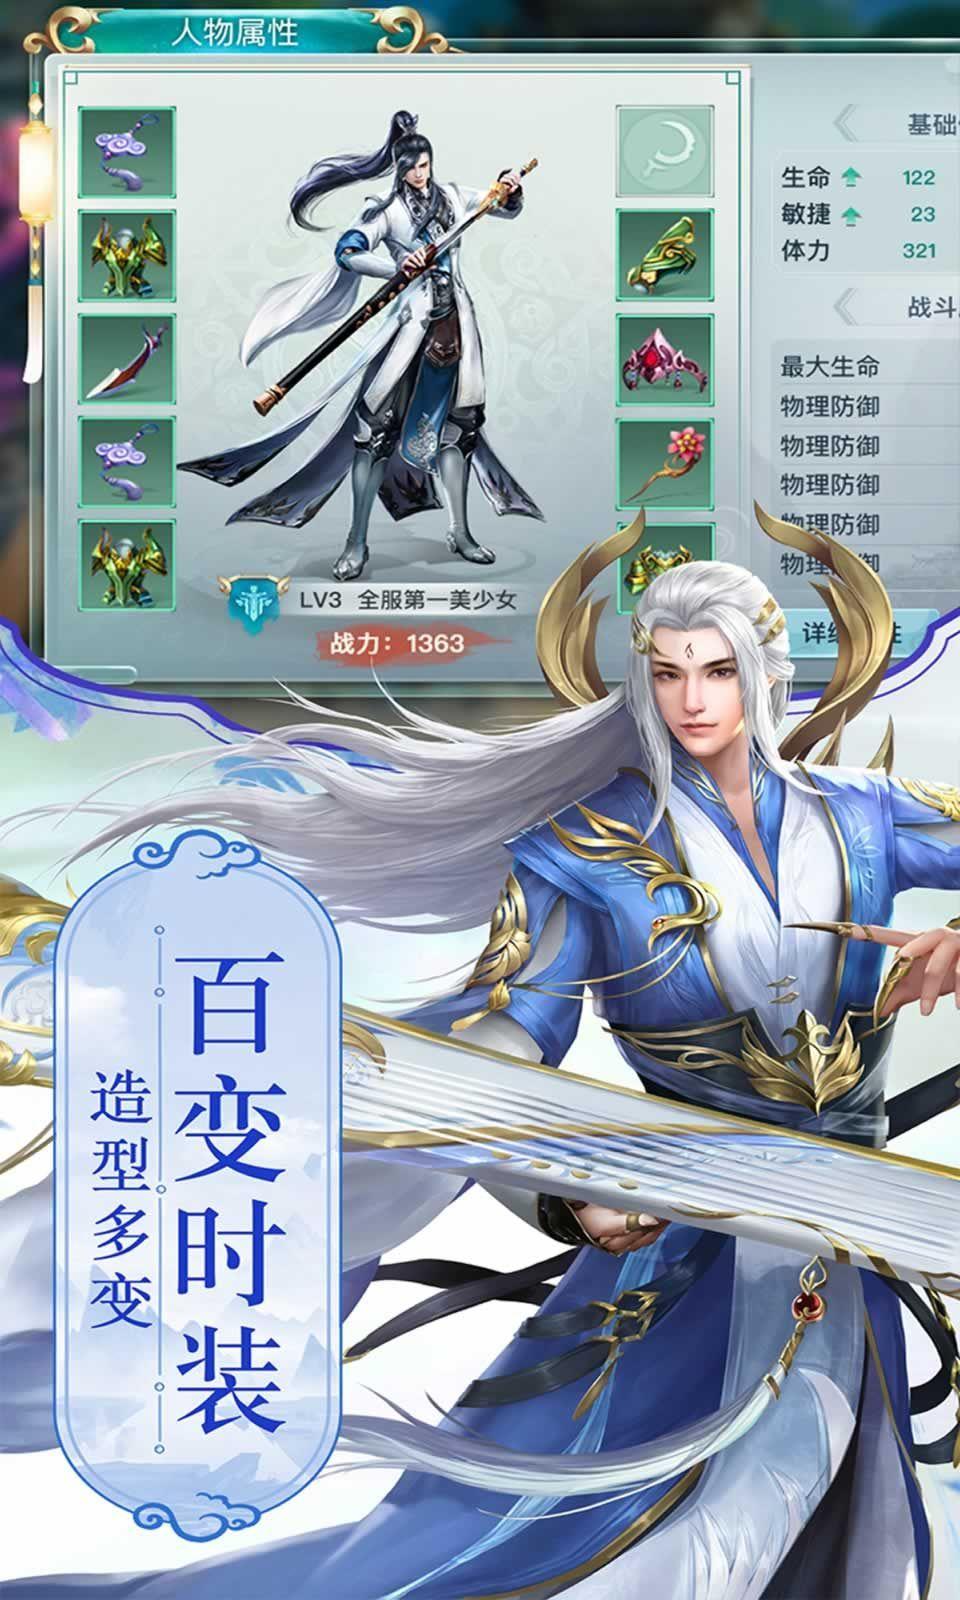 魔剑侠缘之仙剑逍遥